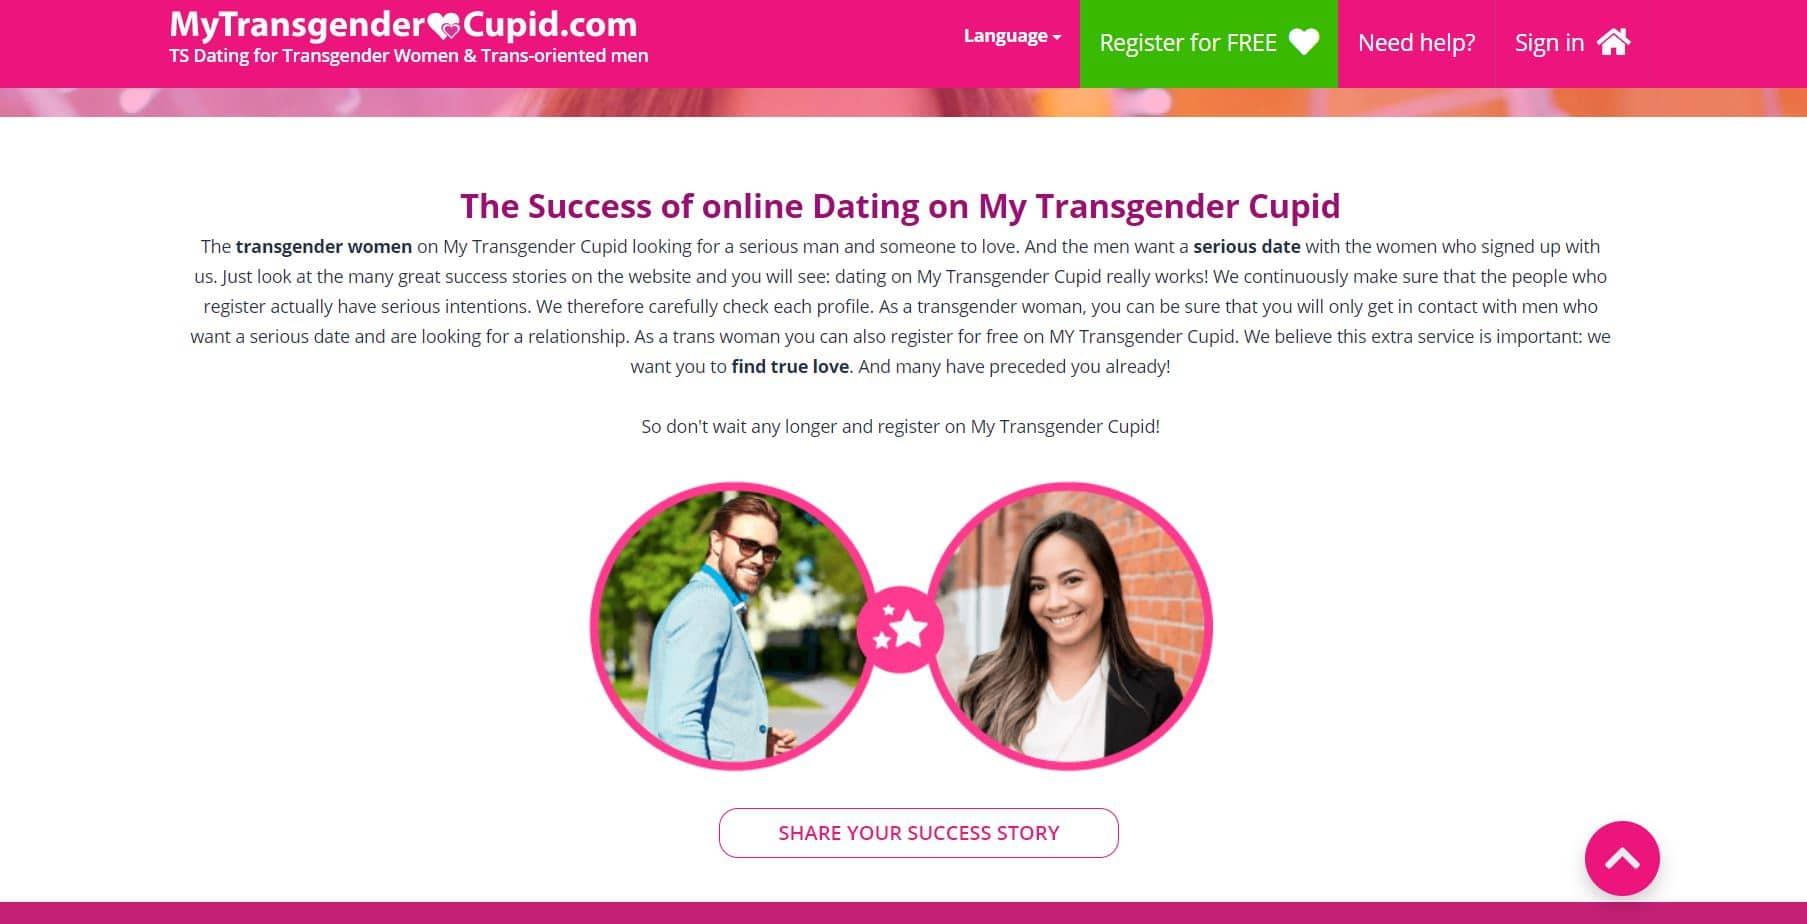 My Transgender Cupid Historia